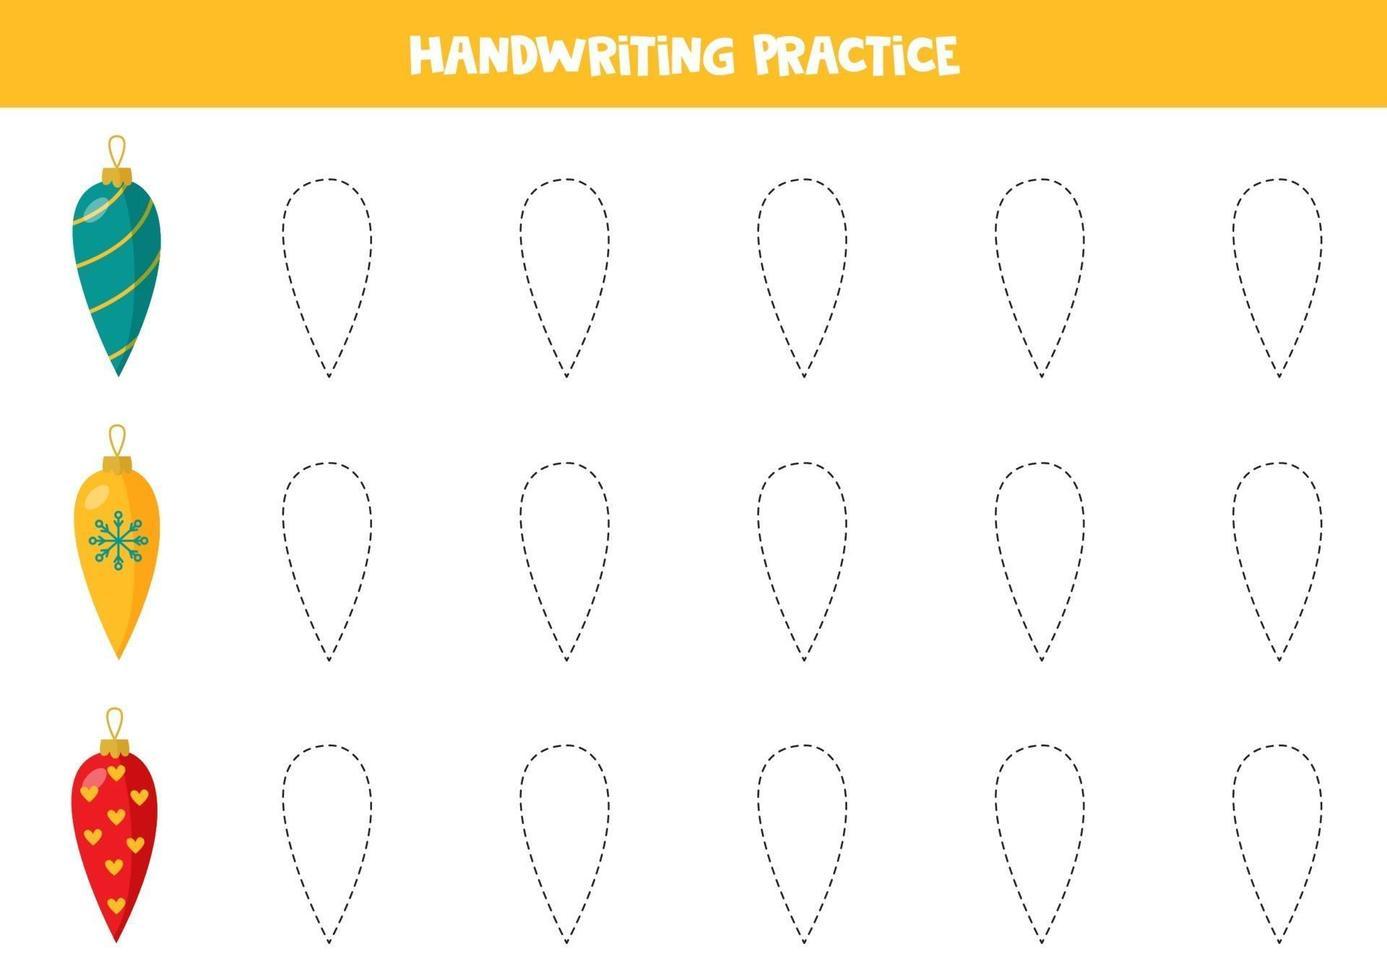 lijnen met kerstballen traceren. schrijfvaardigheid oefenen. vector